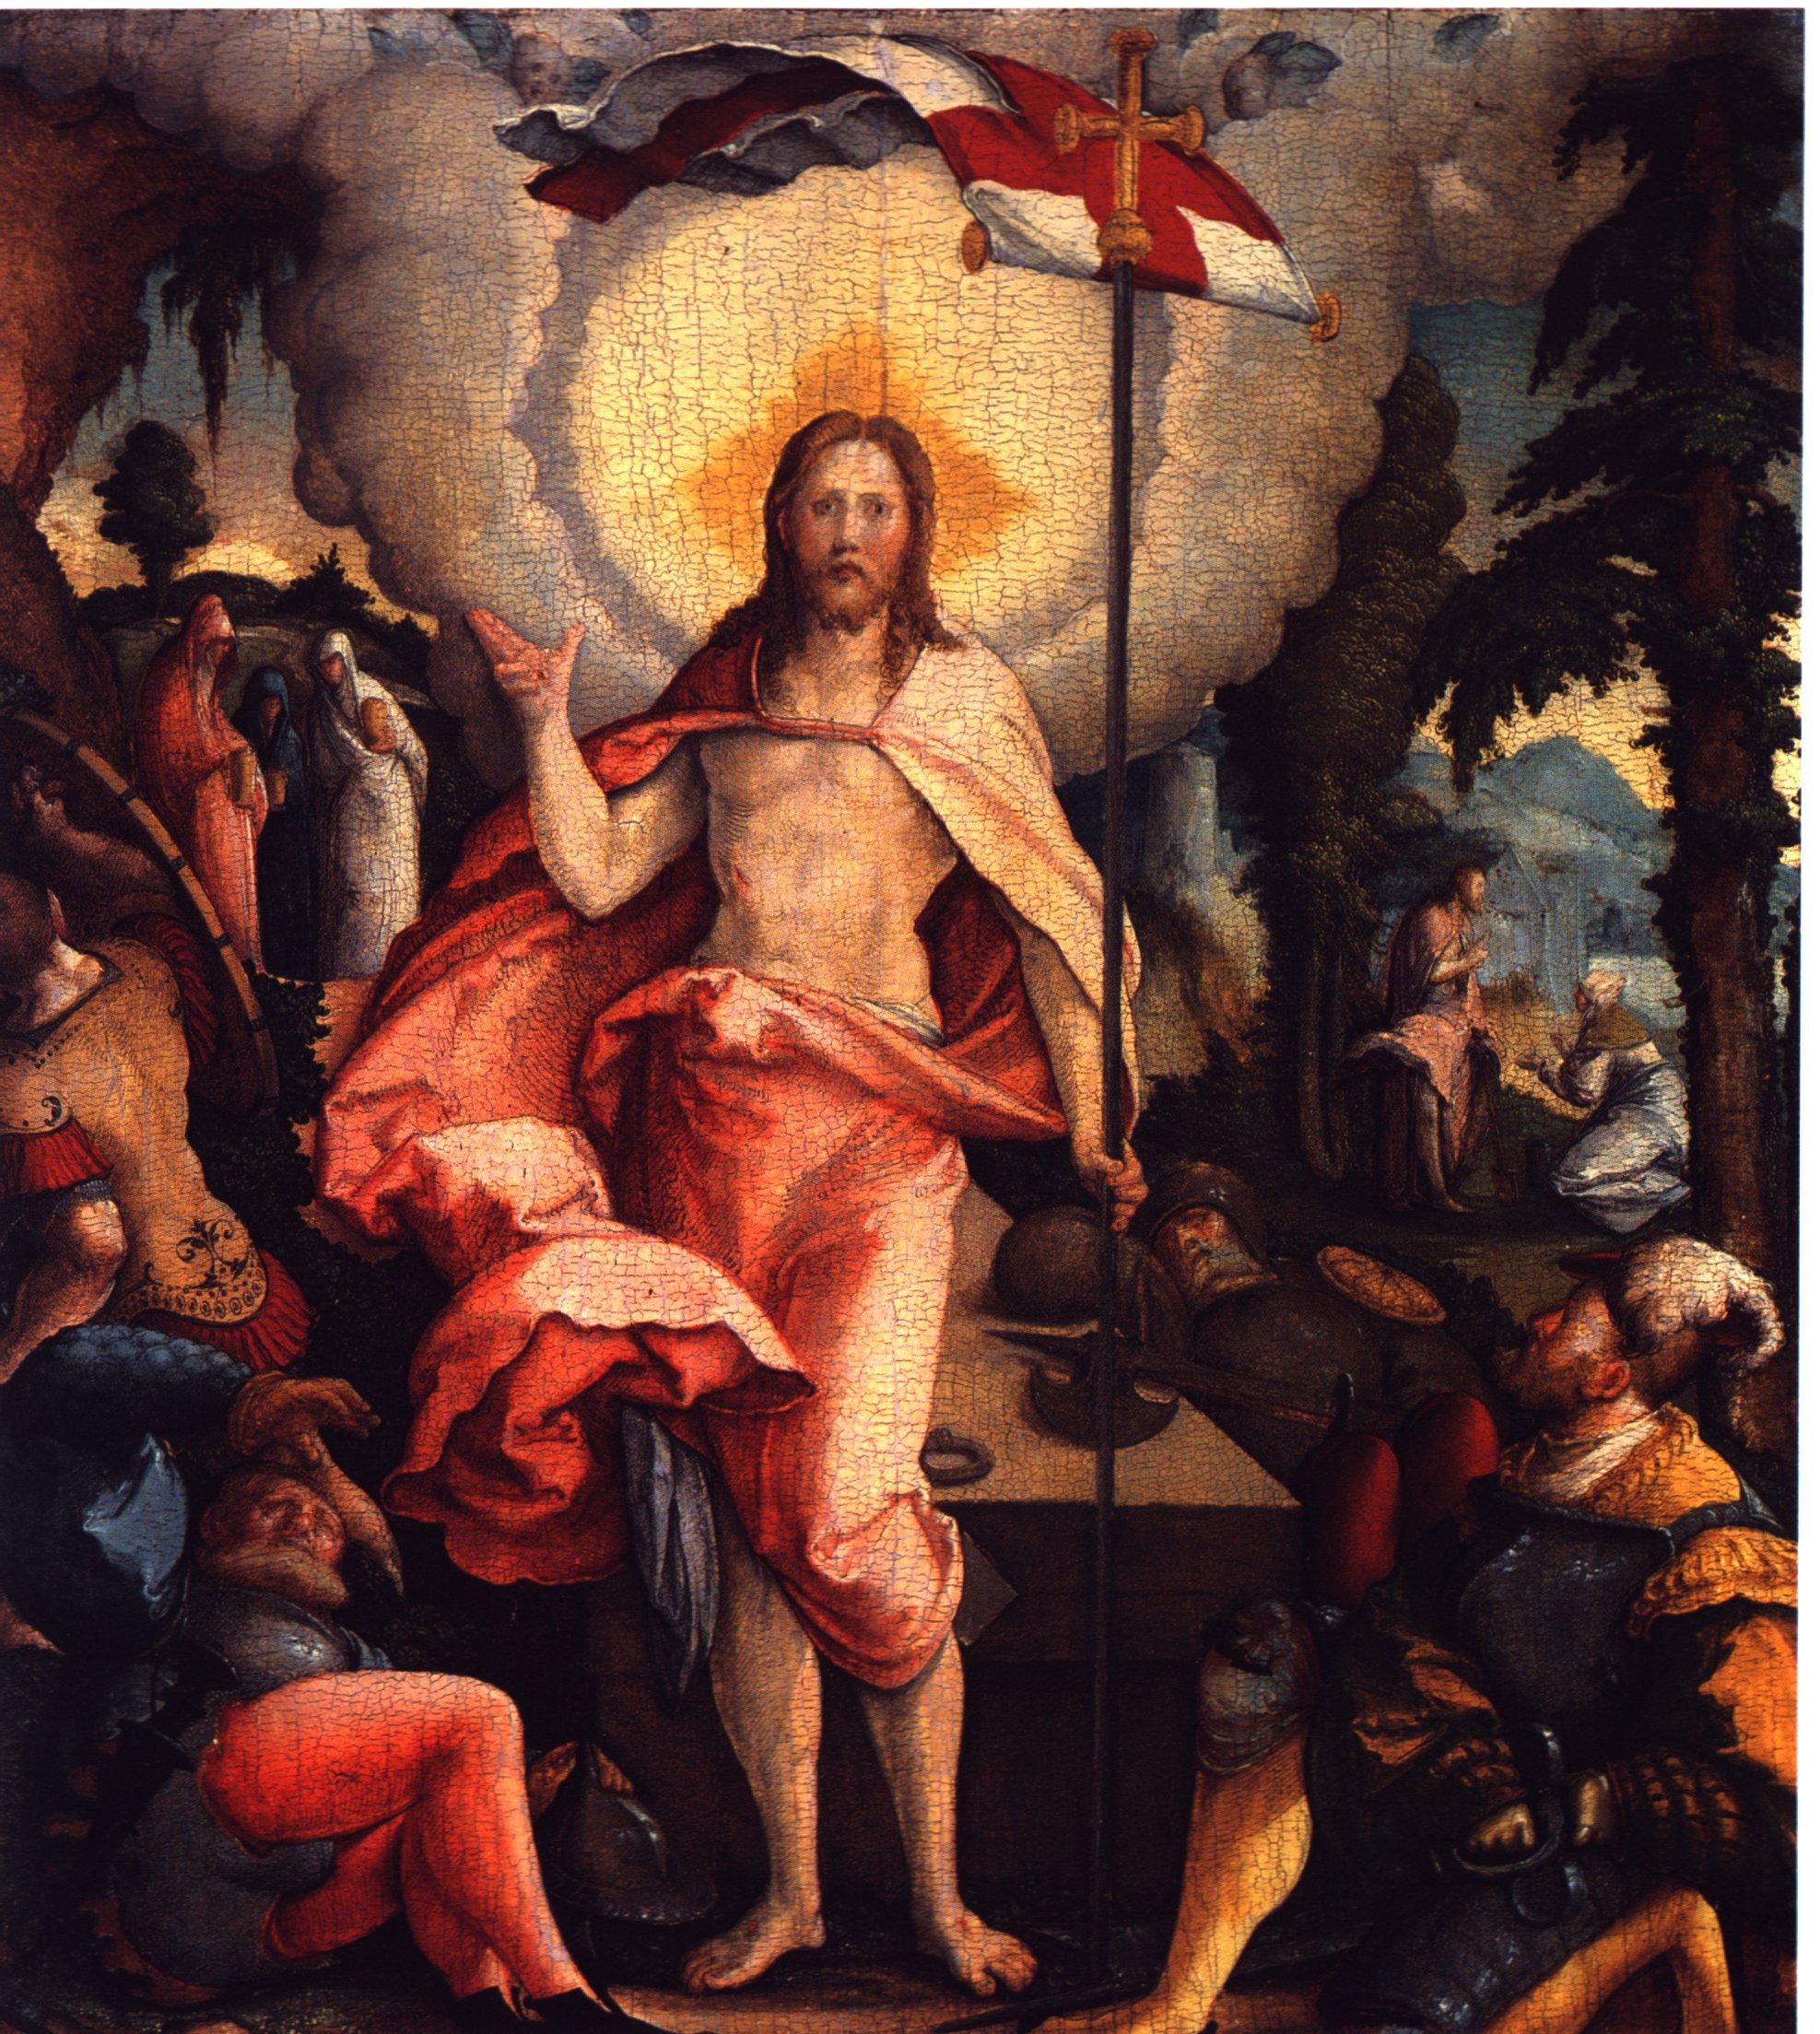 Auferstehung Christi von Meister von Meßkirch um 1535/40, Lizenz:Public Domain